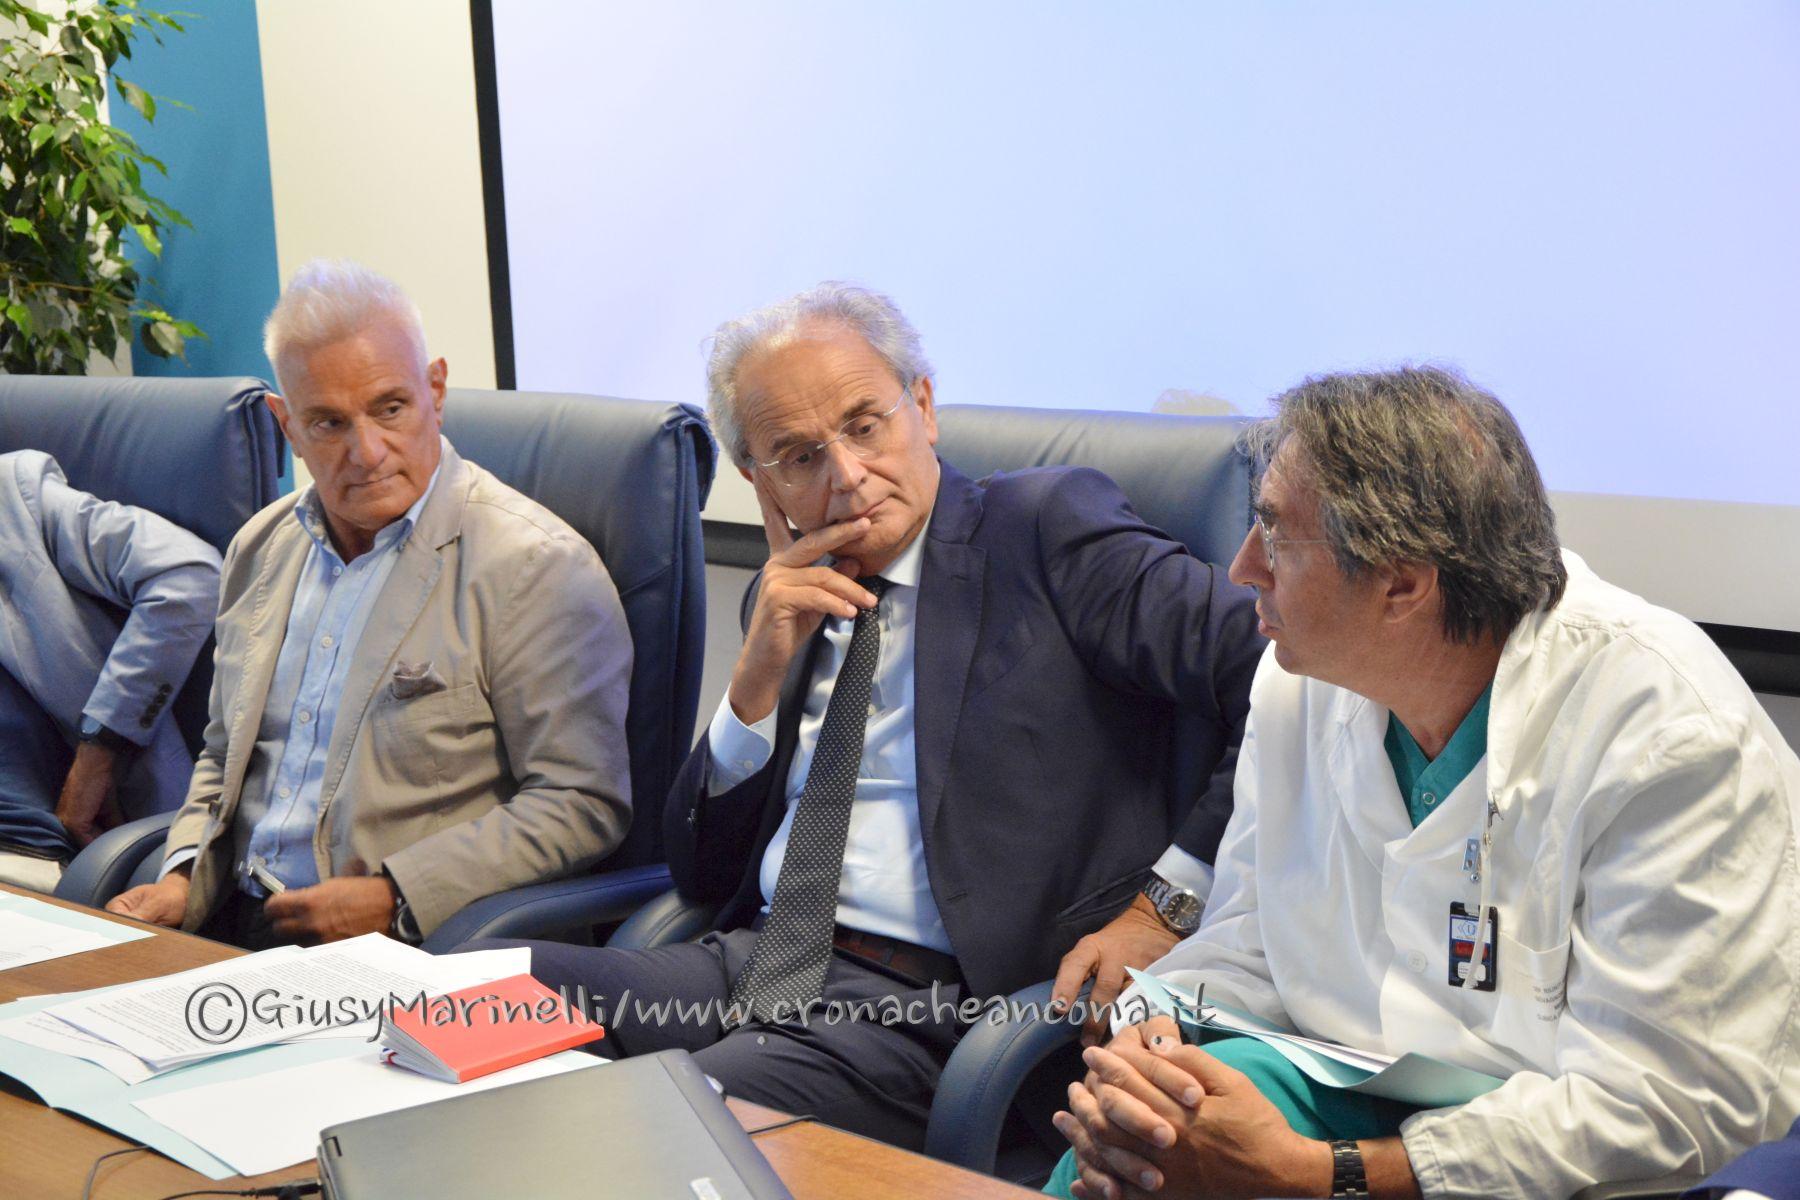 Ospedale_Torrette-dati-primari-DSC_0211-Caporossi-Longhi-Giovagnoni